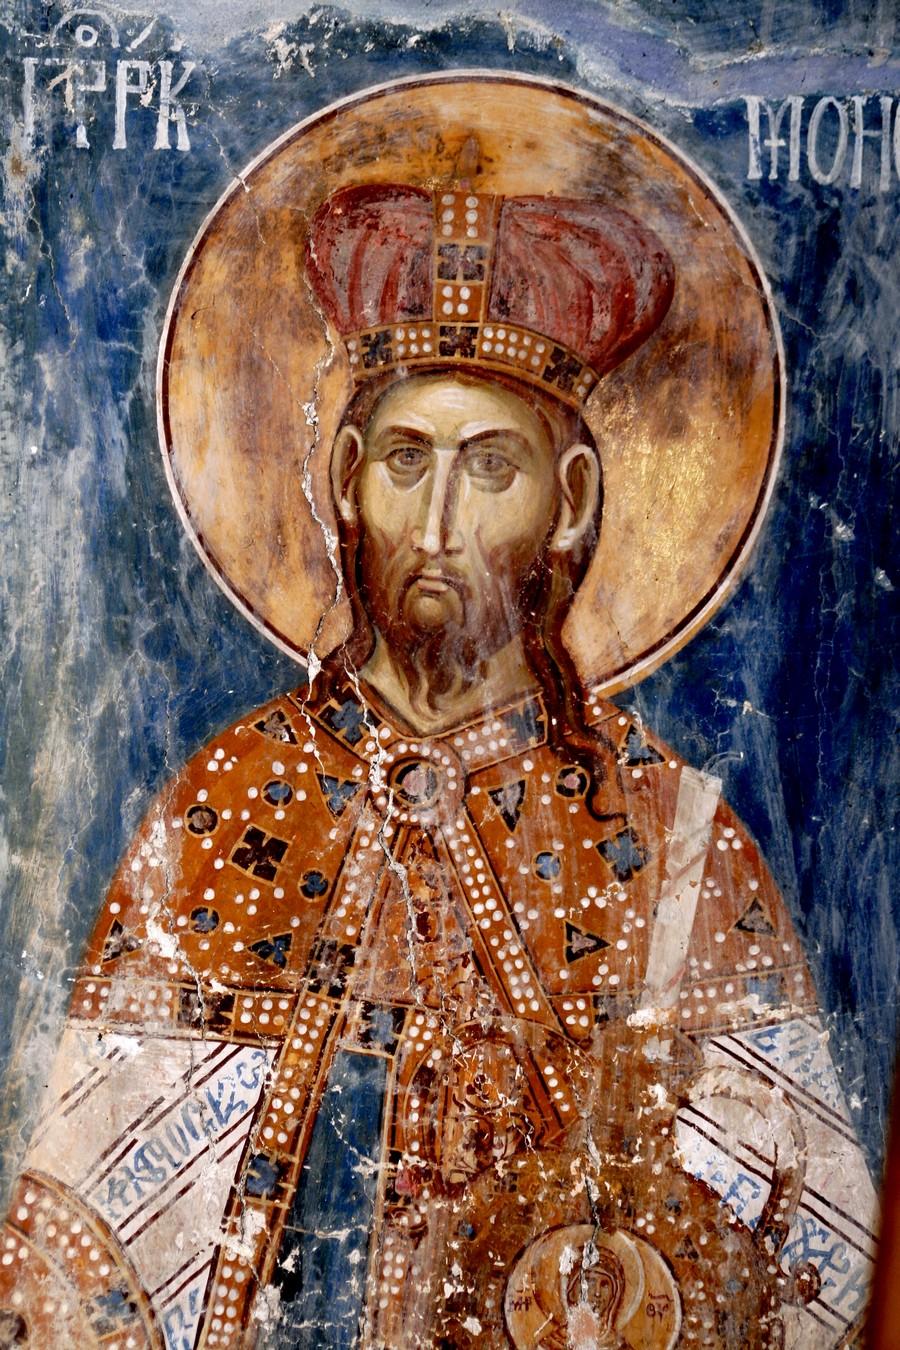 Святой Пророк Моисей Боговидец. Фреска церкви Святого Димитрия в монастыре Печская Патриархия, Косово и Метохия, Сербия. 1322 - 1324 годы.